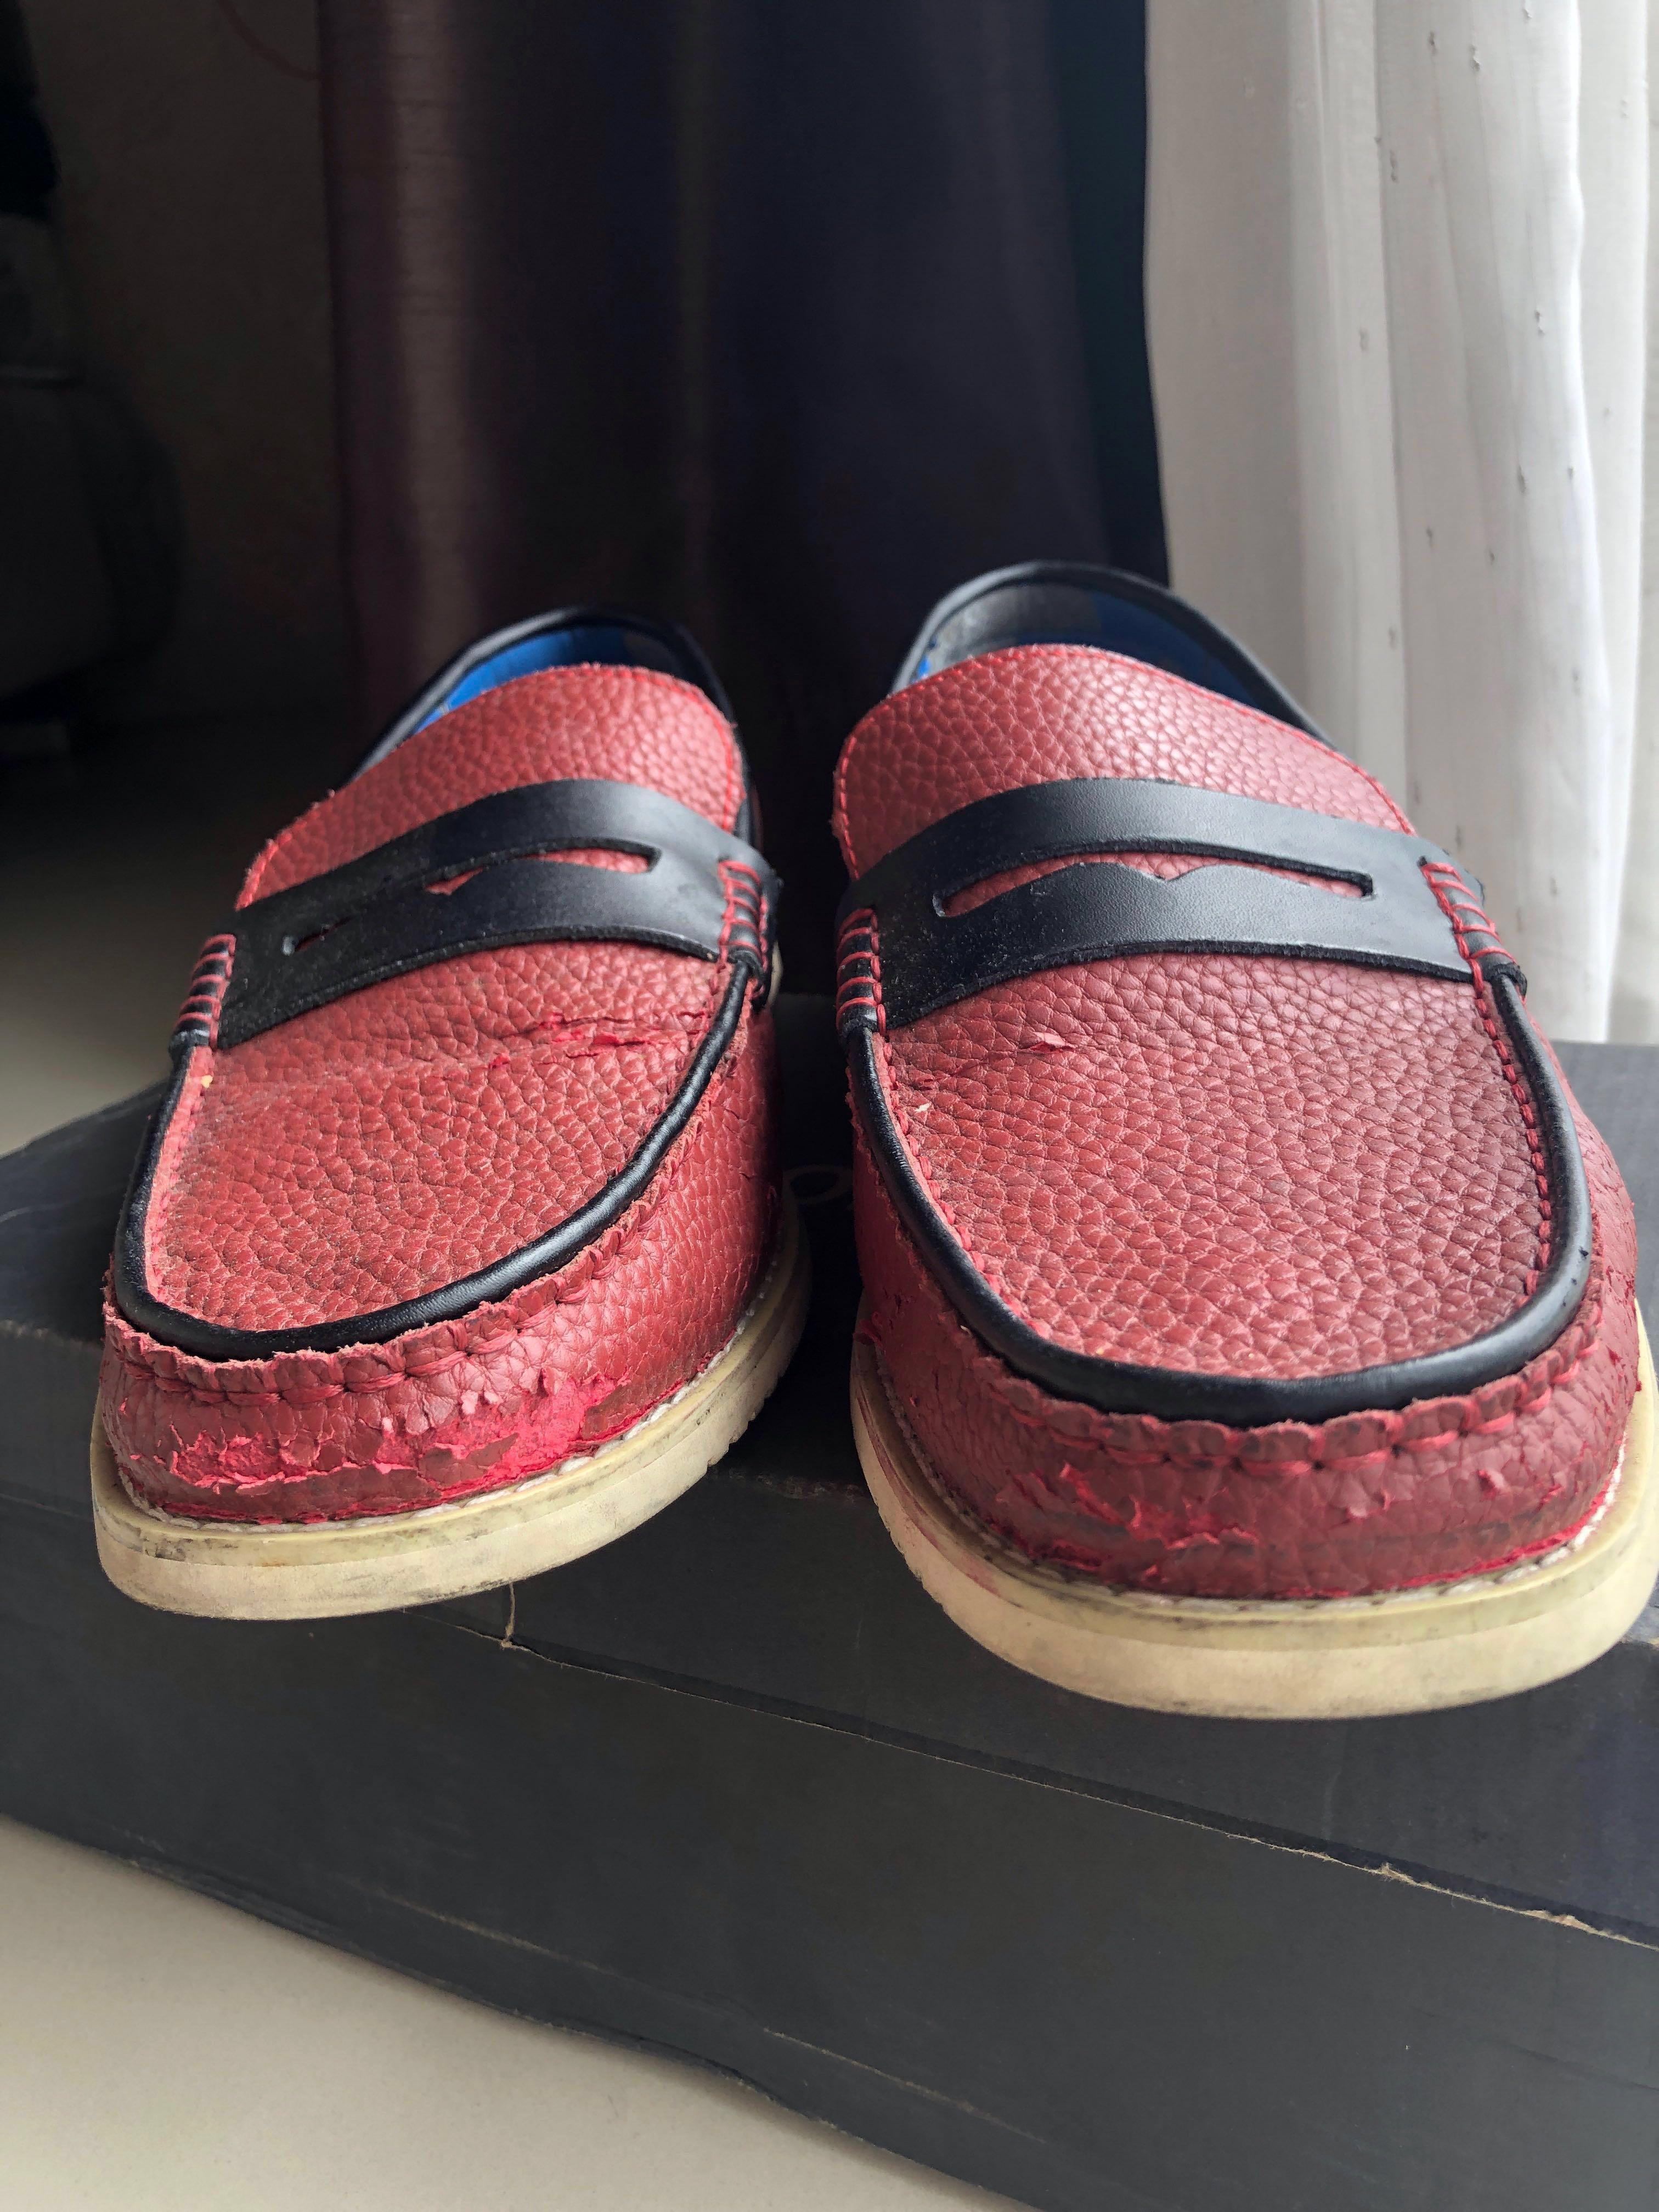 Red Loafers / Sepatu Pria Murah / Sepatu Kerja